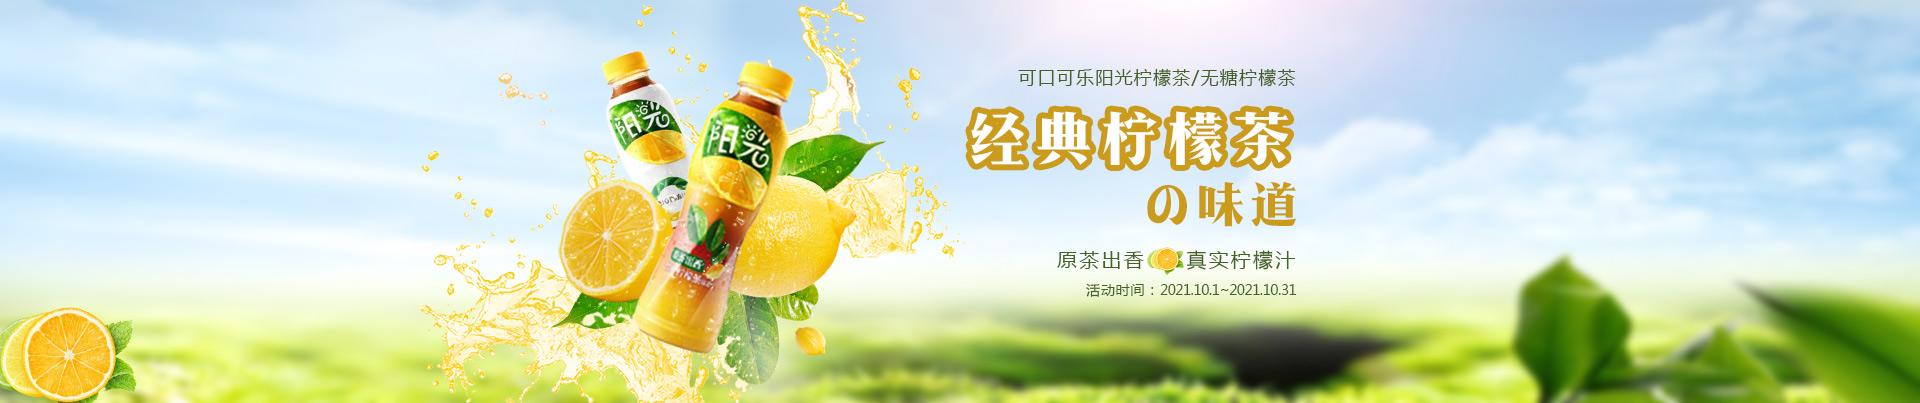 可口可乐阳光柠檬